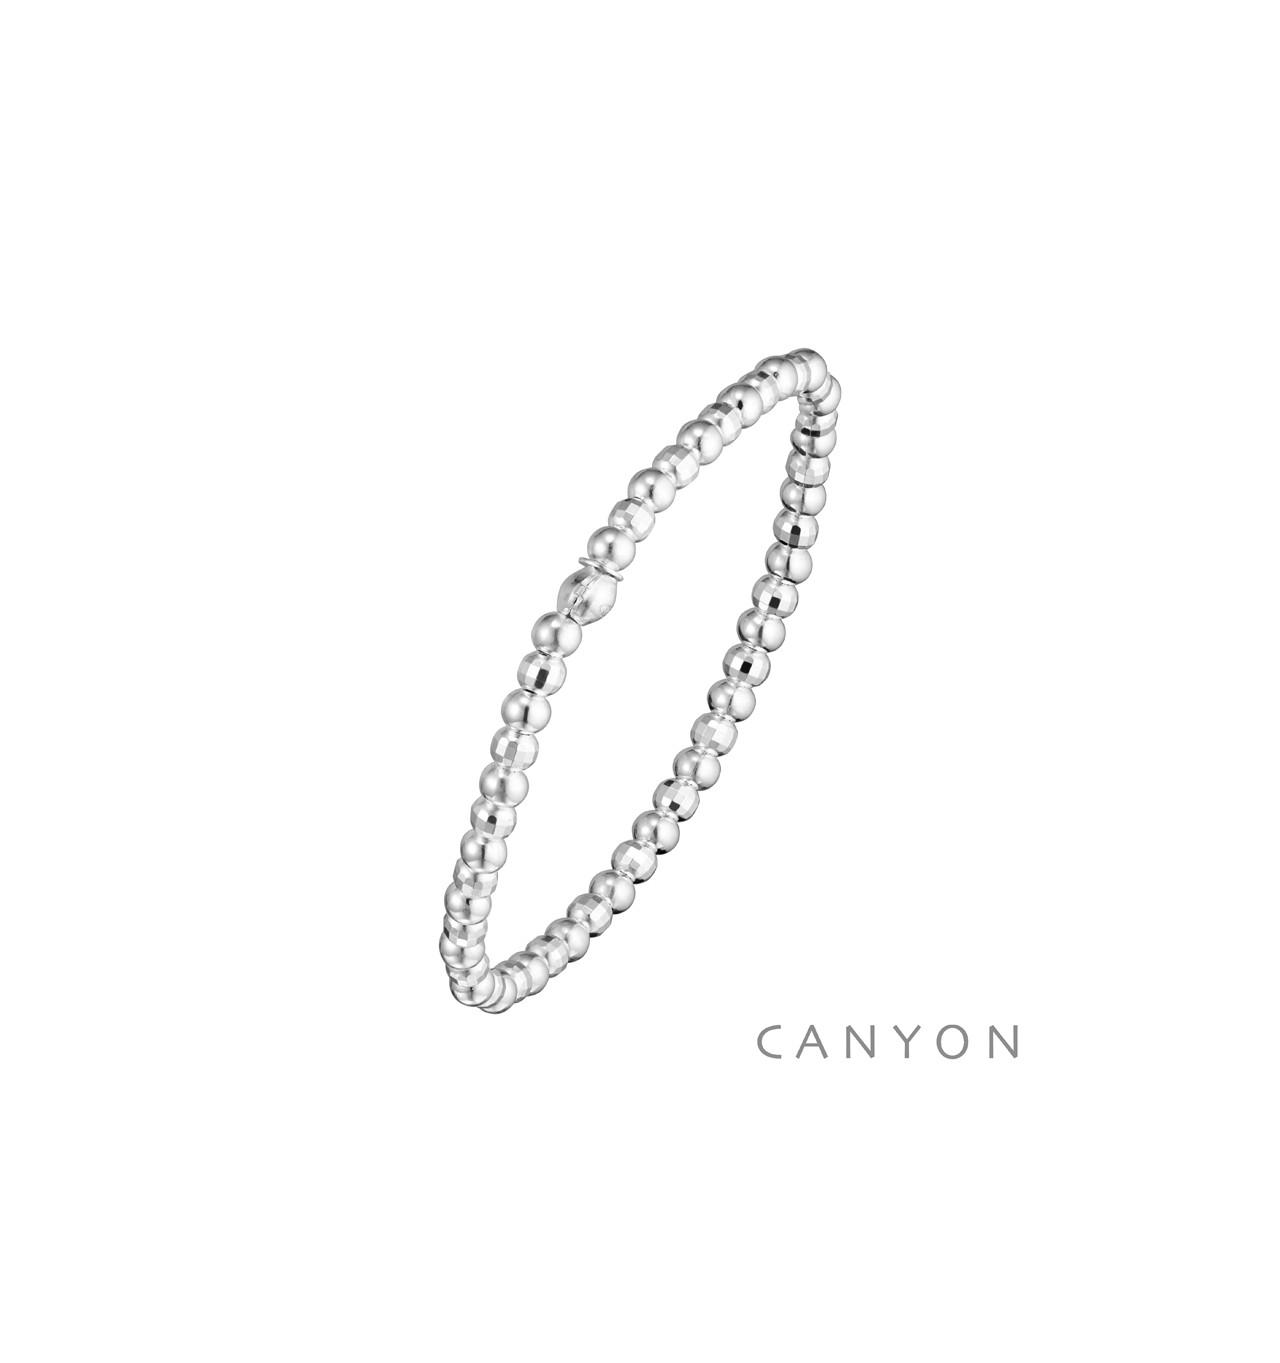 canyon-bracelet-argent-extensible-petites boules-bijoux totem